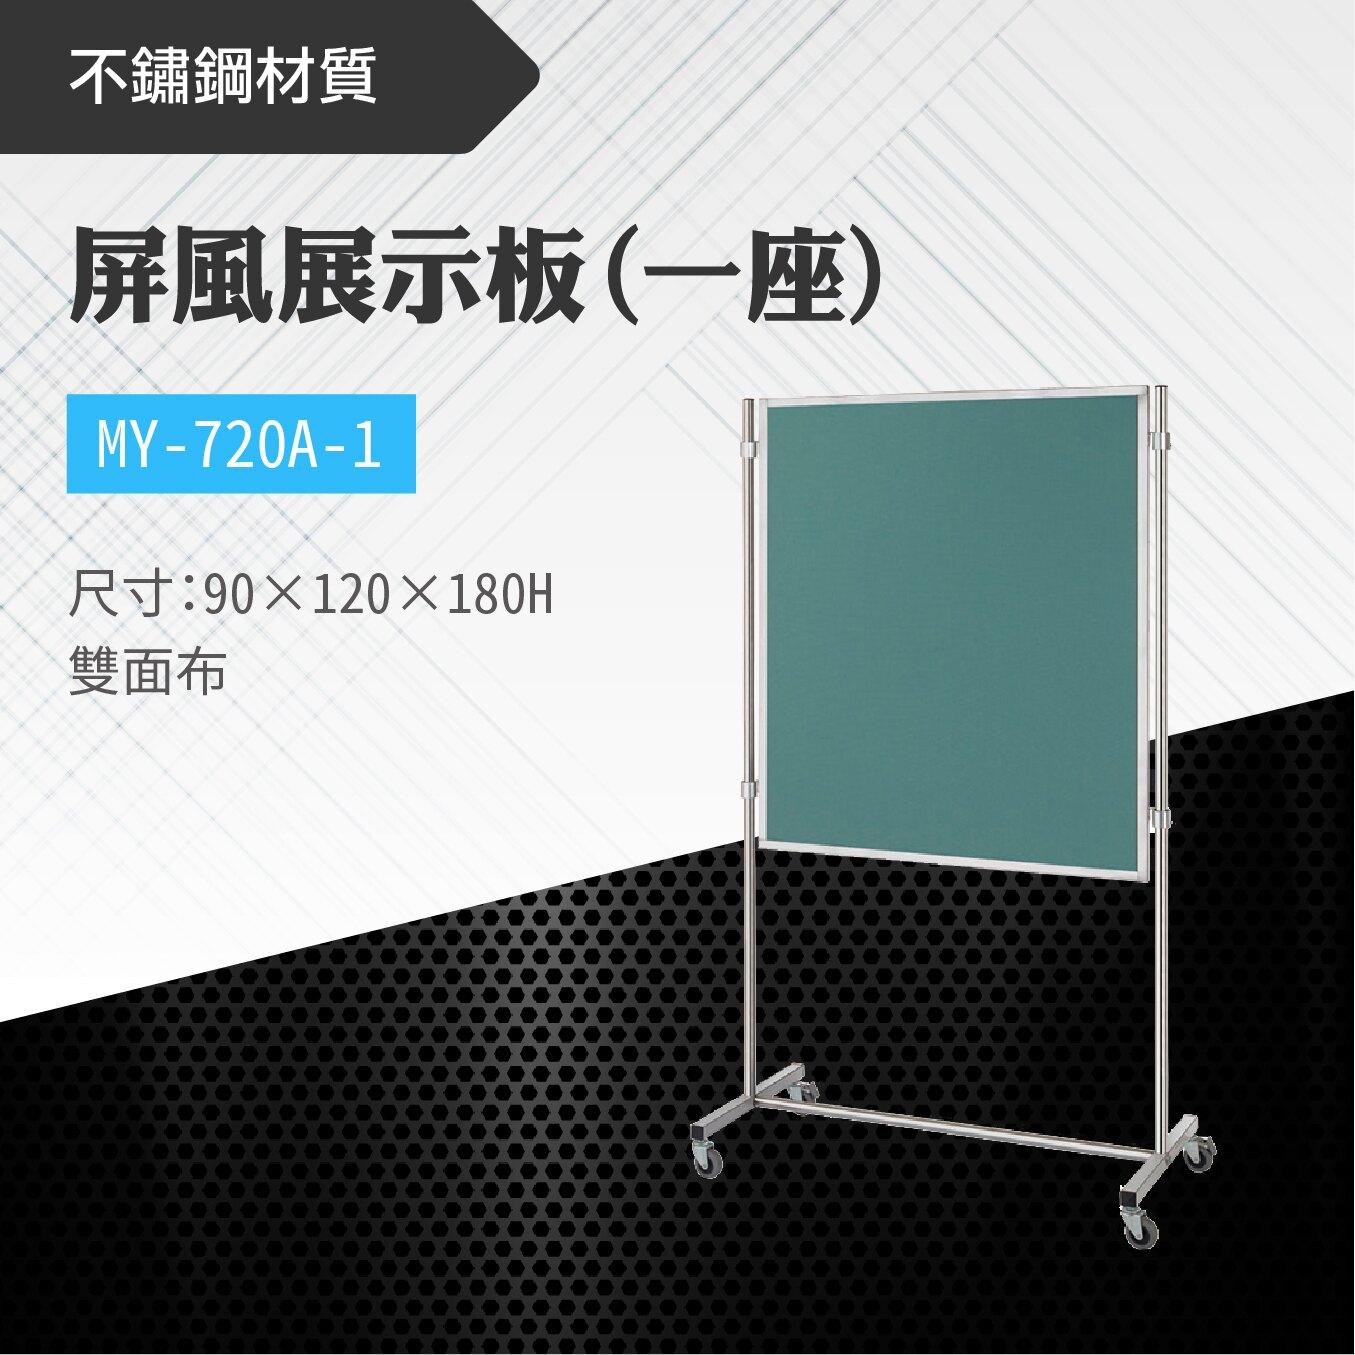 台灣製 屏風展示板MY-720A-1(雙面布) 布告欄 展板 海報板 立式展板 展示架 指示牌 廣告板 標示板 學校 活動